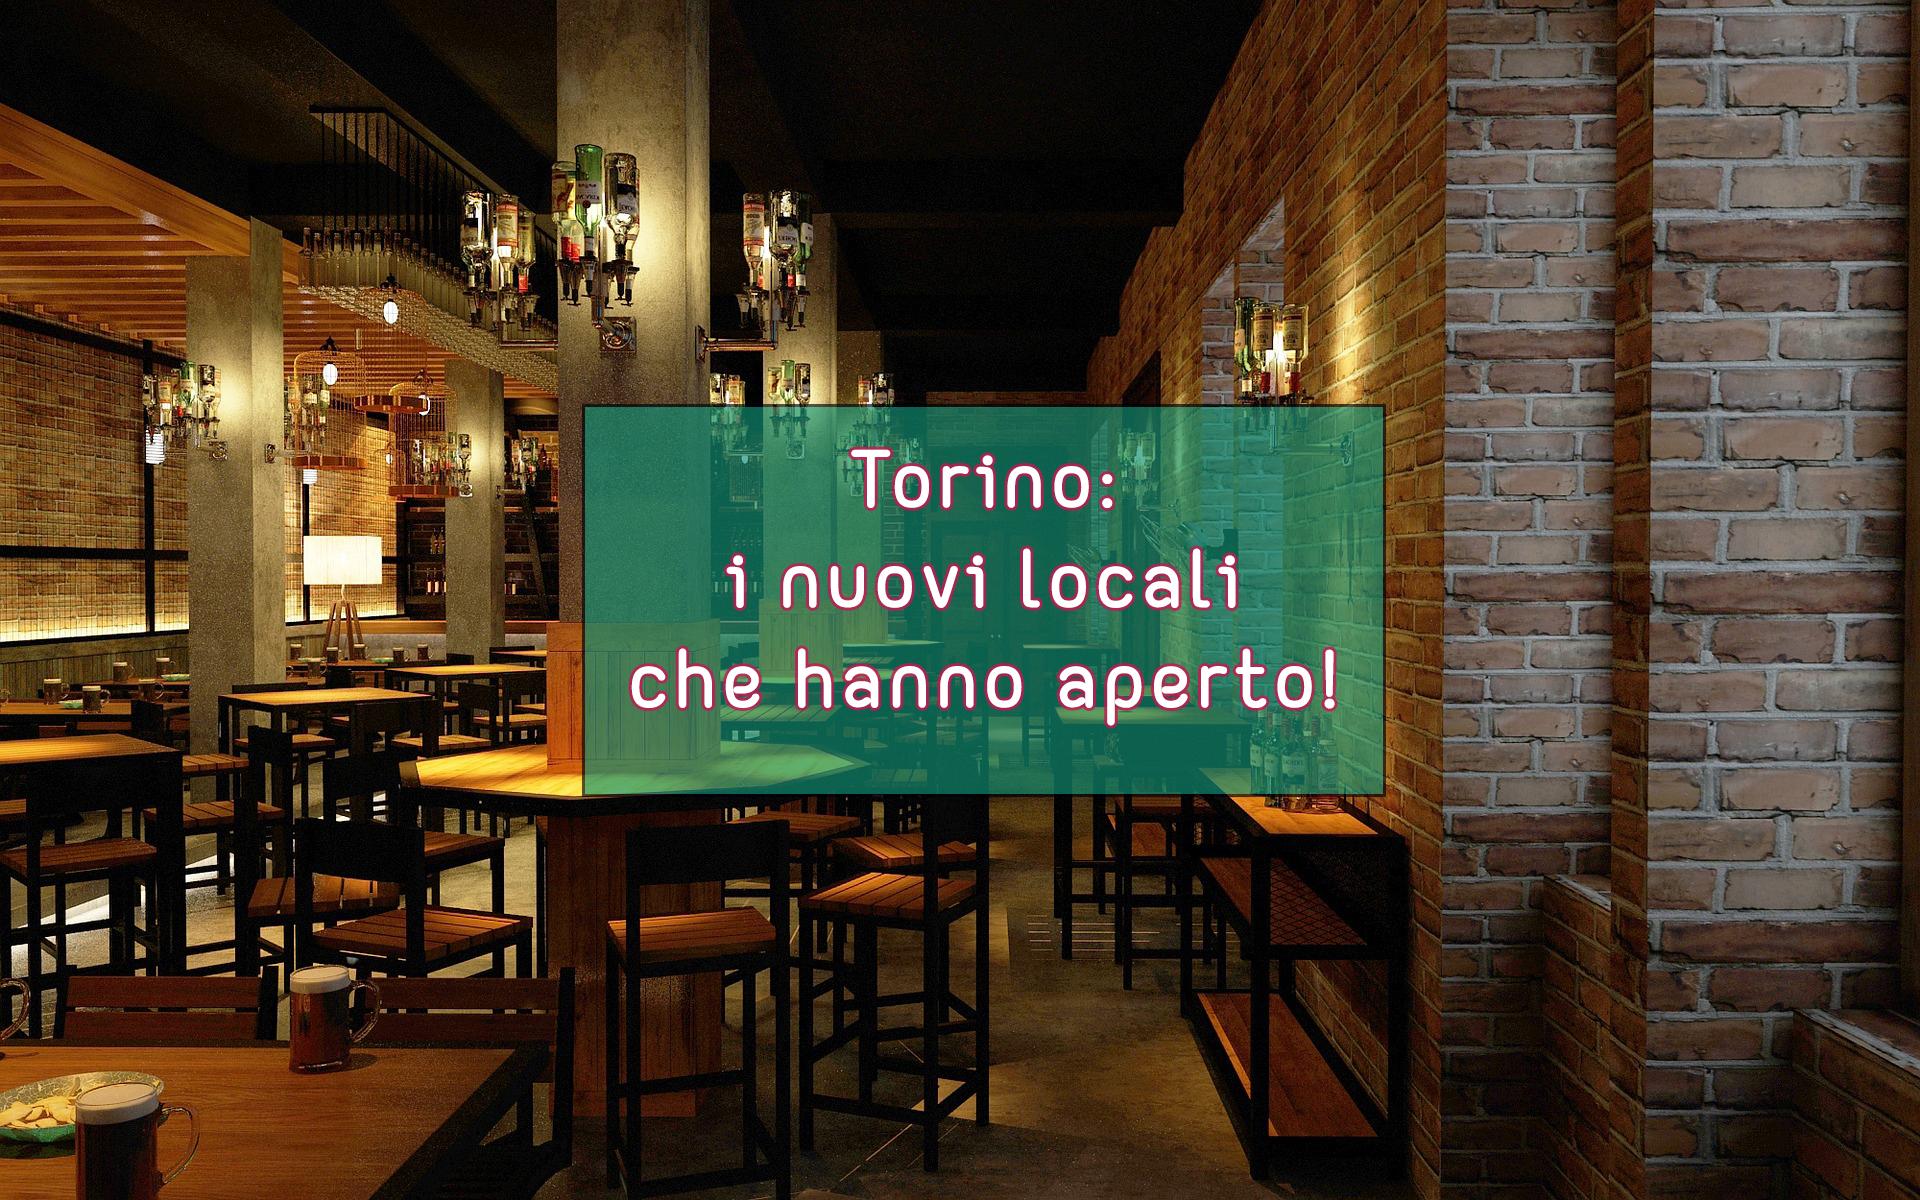 Torino: i nuovi locali che hanno aperto!